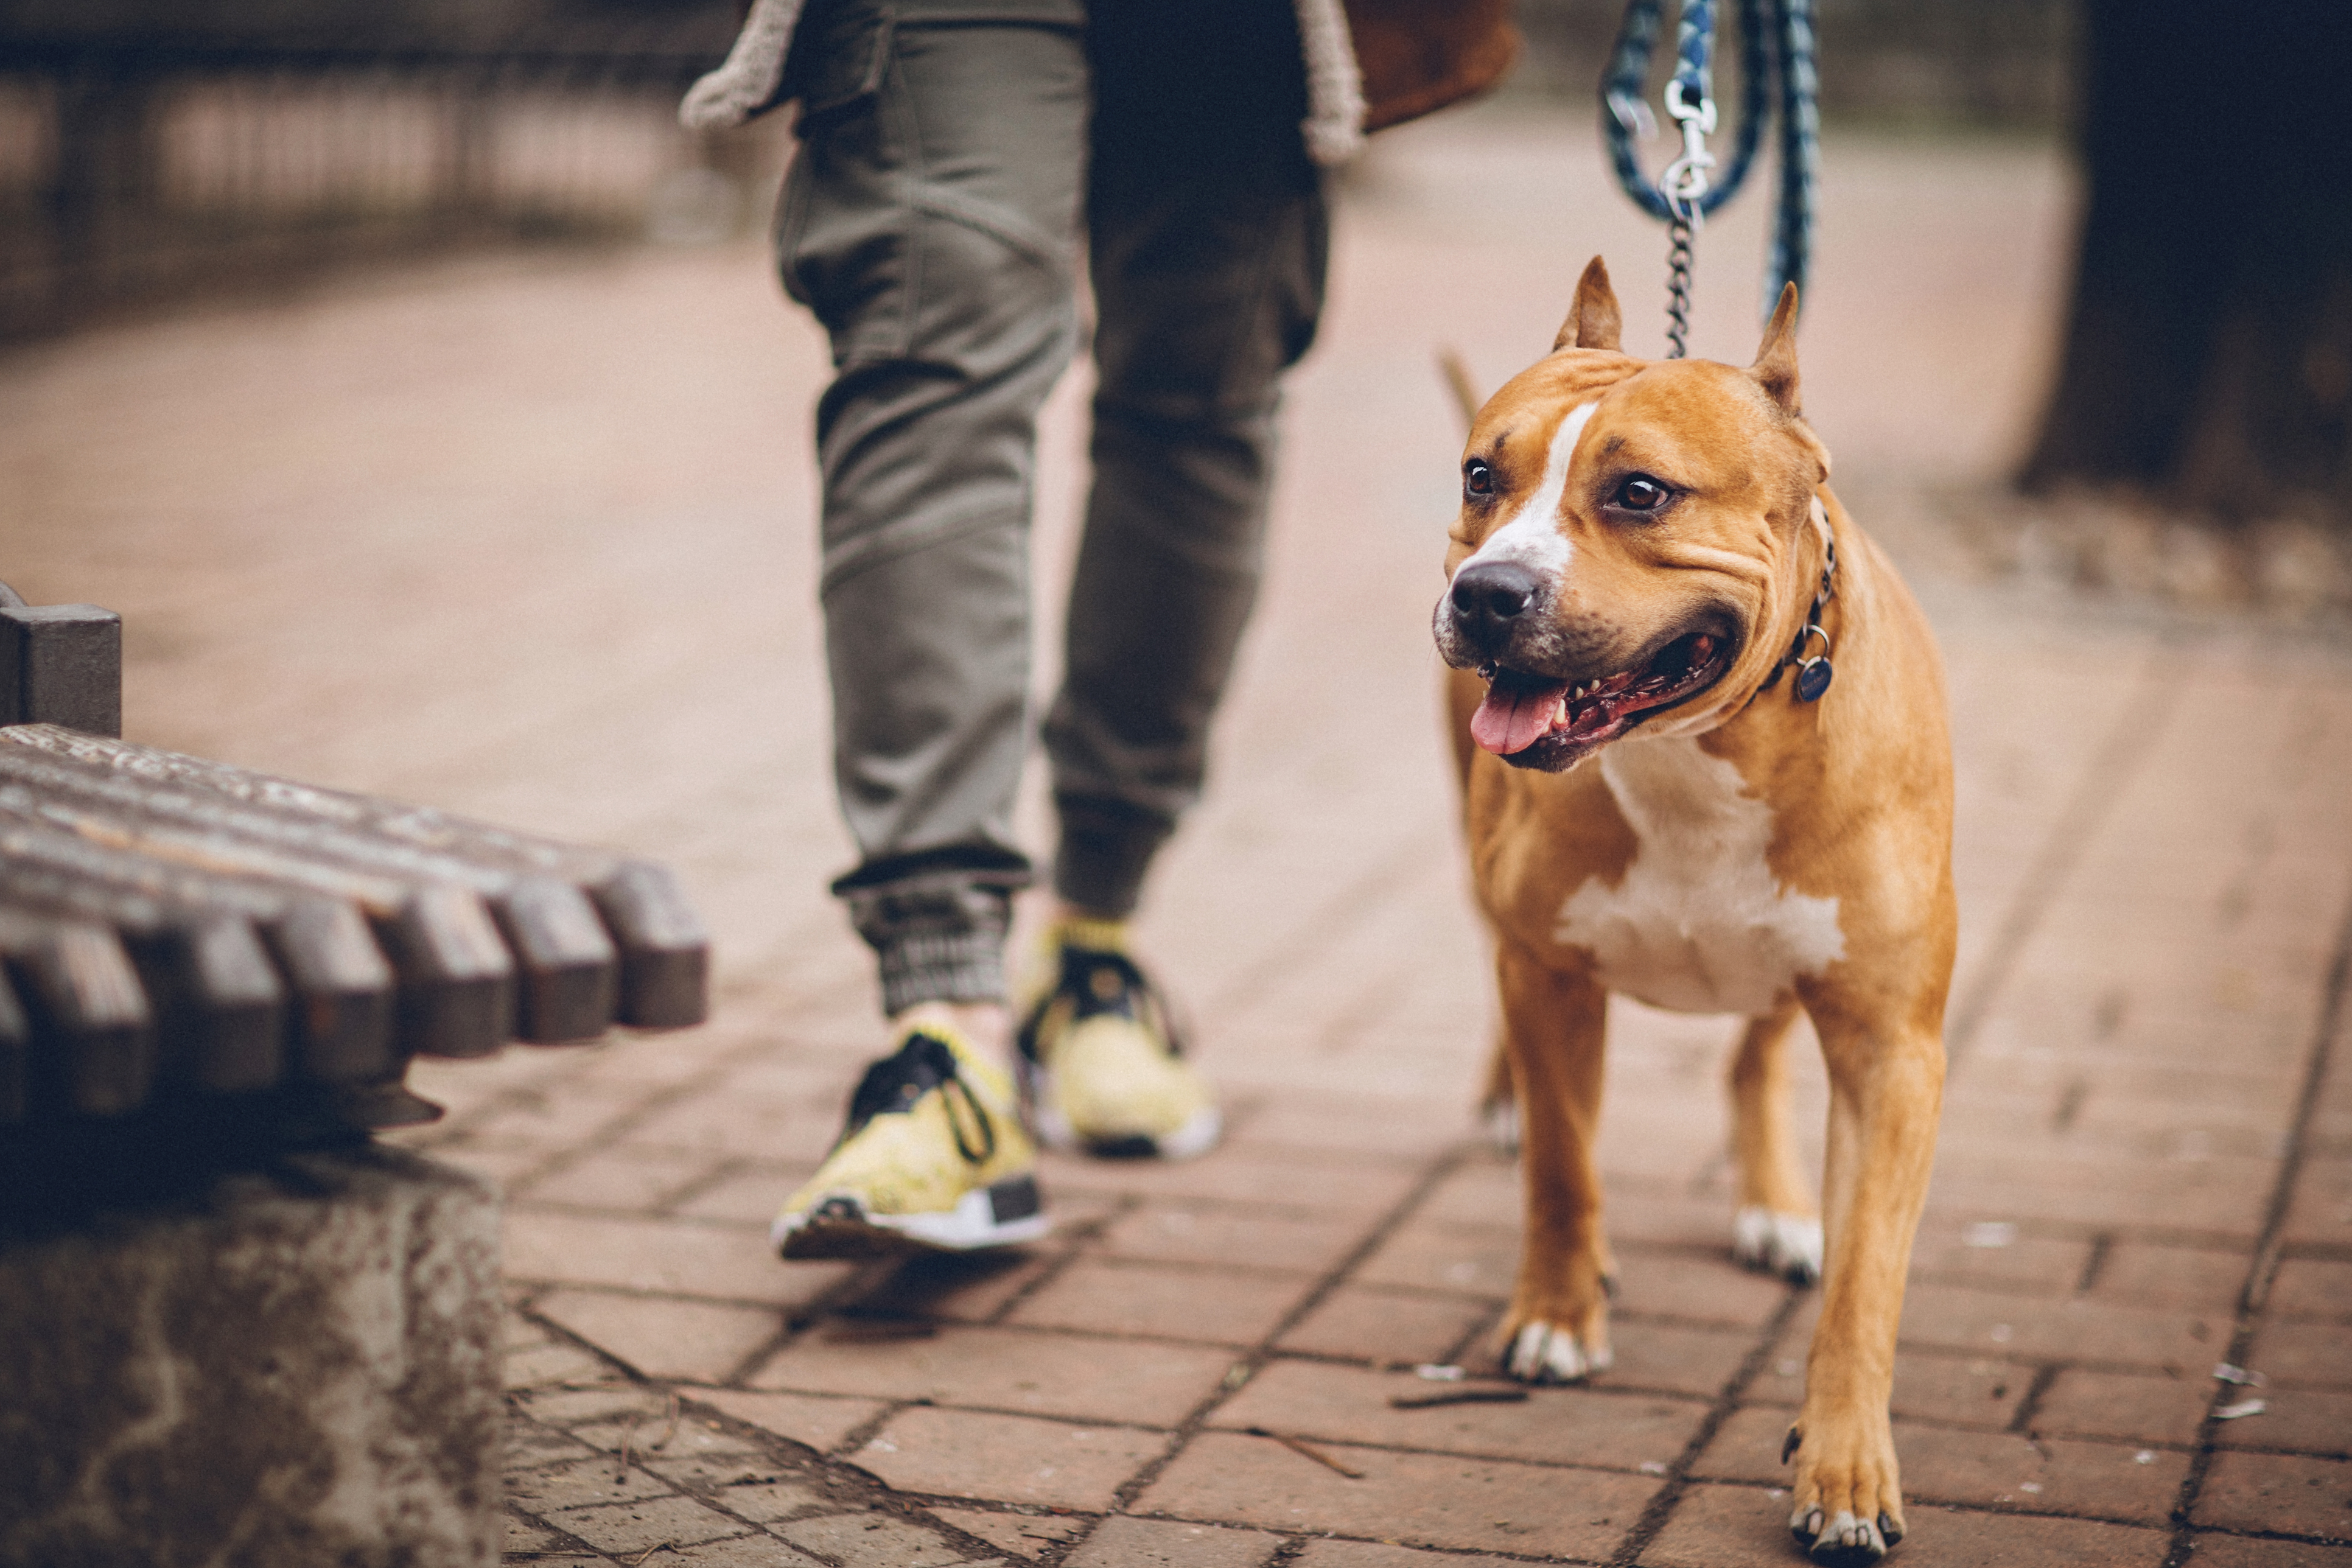 <p><strong>Питбул</strong></p>  <p>Безспорно тази порода кучета е смятана от мнозина за най-опасната. Лошата им слава се основава на многобройните инциденти с тях. Както и при останалите кучета, основен виновник за поведението на тази порода са стопаните, които често умишлено ги обучават да бъдат агресивни . Питбулите все още се използват за кучешки боеве заради мощта на захапката си и издръжливостта.</p>